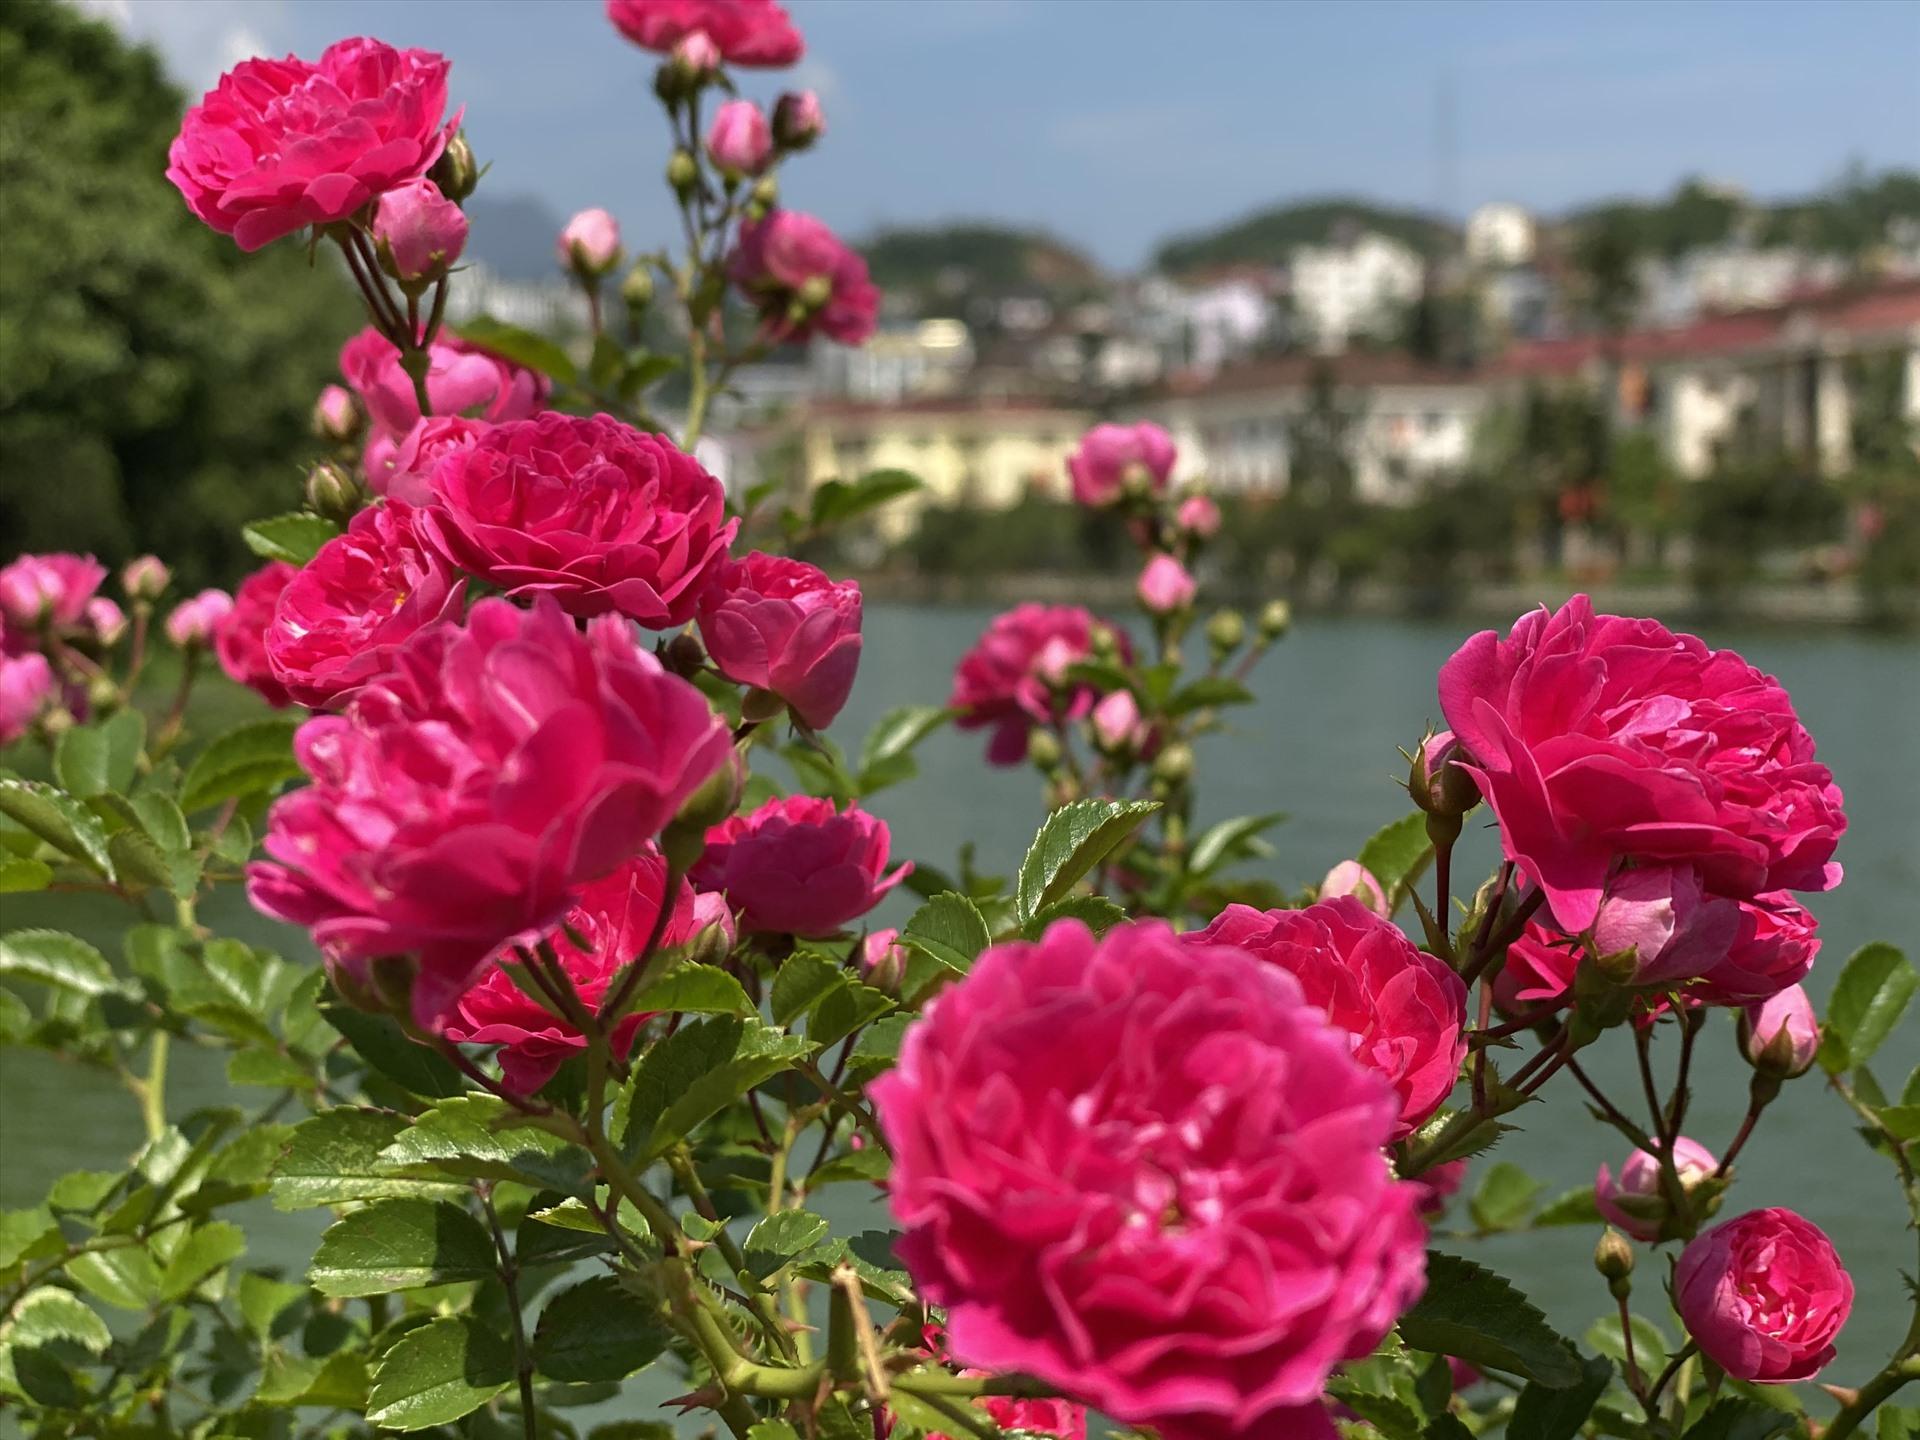 Thung lũng hoa hồng Sapa, Thung lũng hoa hồng Sapa – Miền cổ tích giữa núi rừng